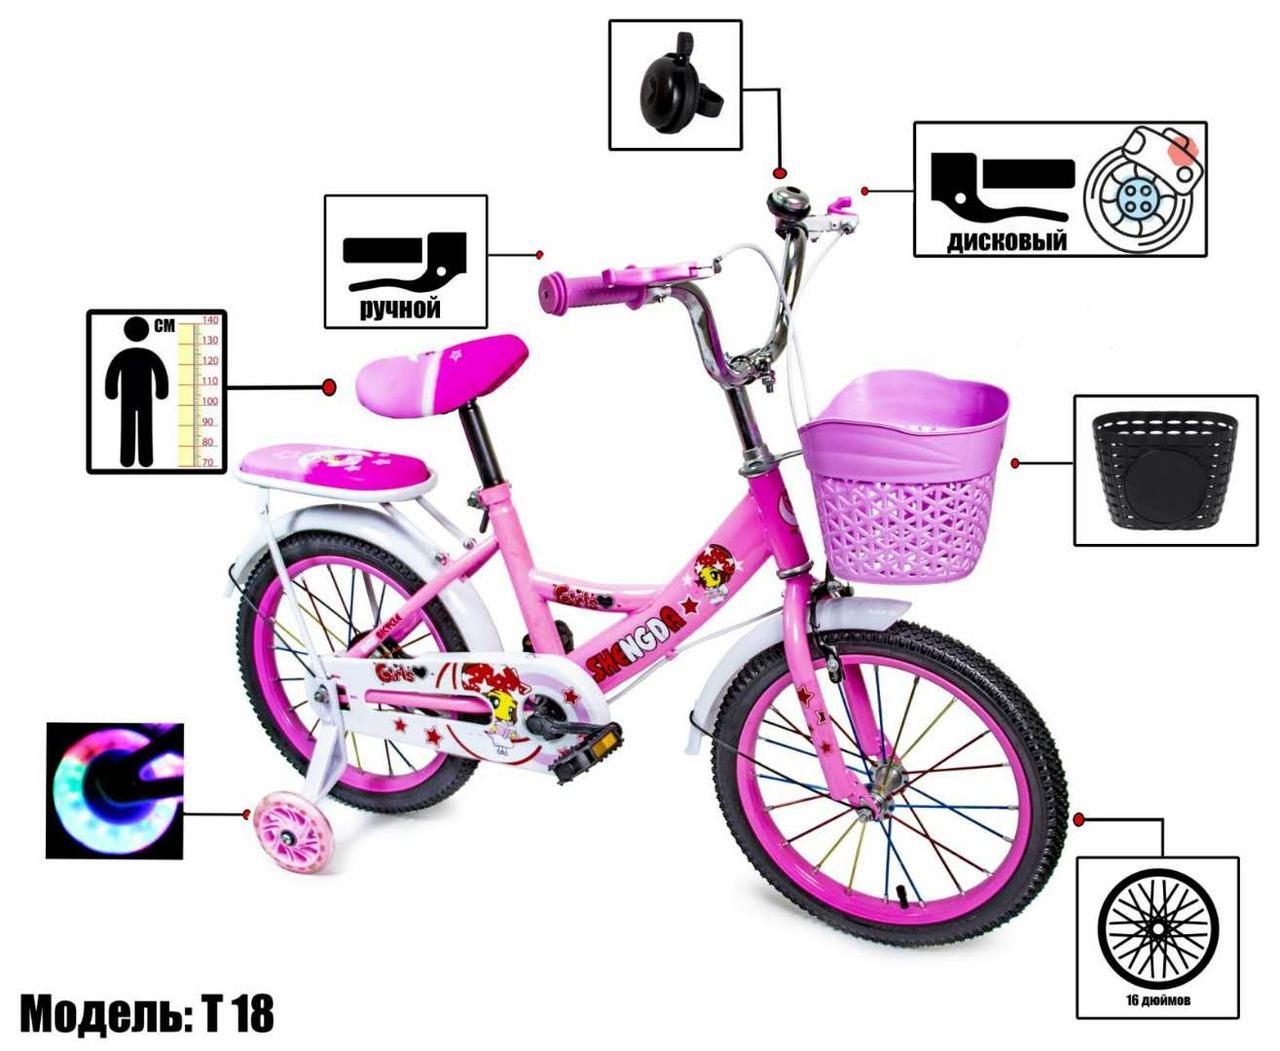 Велосипед детский16 Shengda пастельно-розовый, ручной и дисковый тормоз